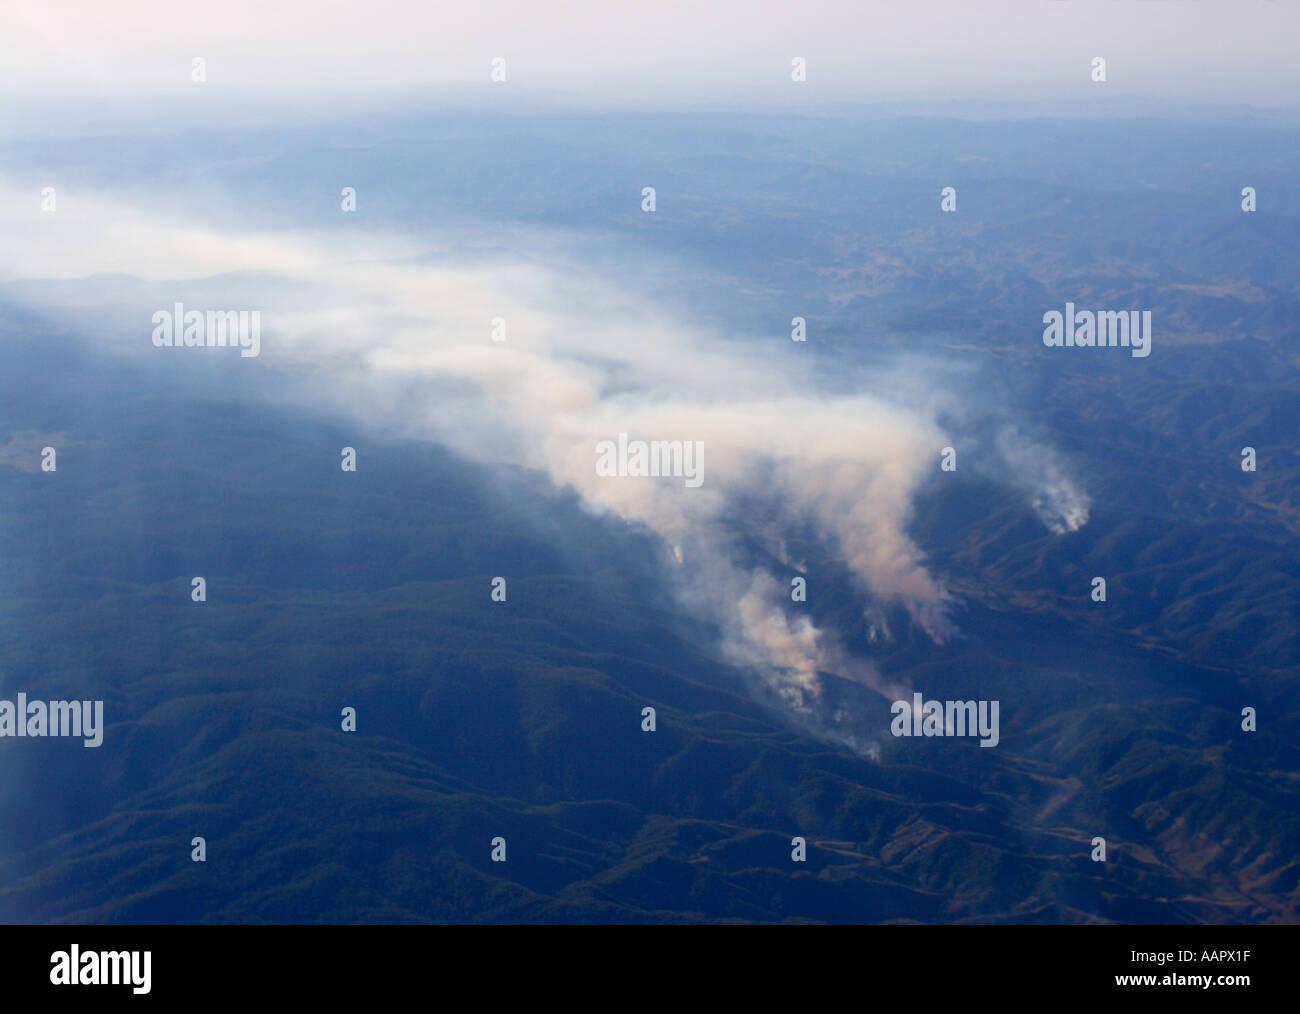 Vue aérienne de bush fire burning sur plusieurs fronts donnant un énorme nuage de fumée à la dérive en Nouvelle Galles du Sud en Australie Banque D'Images